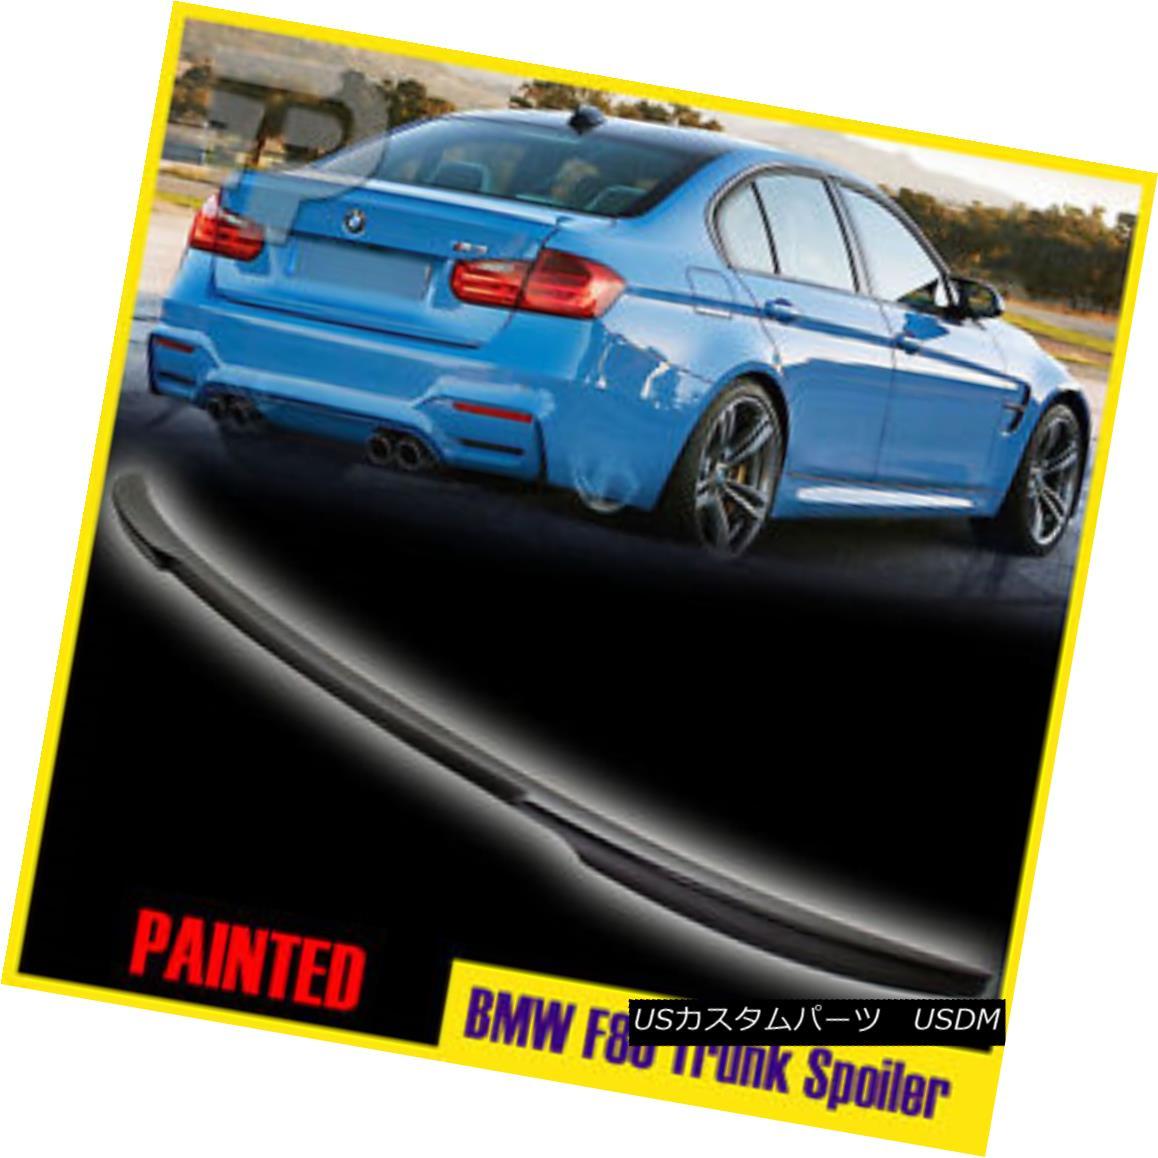 エアロパーツ Matte Black Paint BMW 3-Series F80 F30 Saden V-Type Rear Trunk Lip Spoiler 15 マットブラックペイントBMW 3シリーズF80 F30サデンV型リアトランクリップスポイラー15